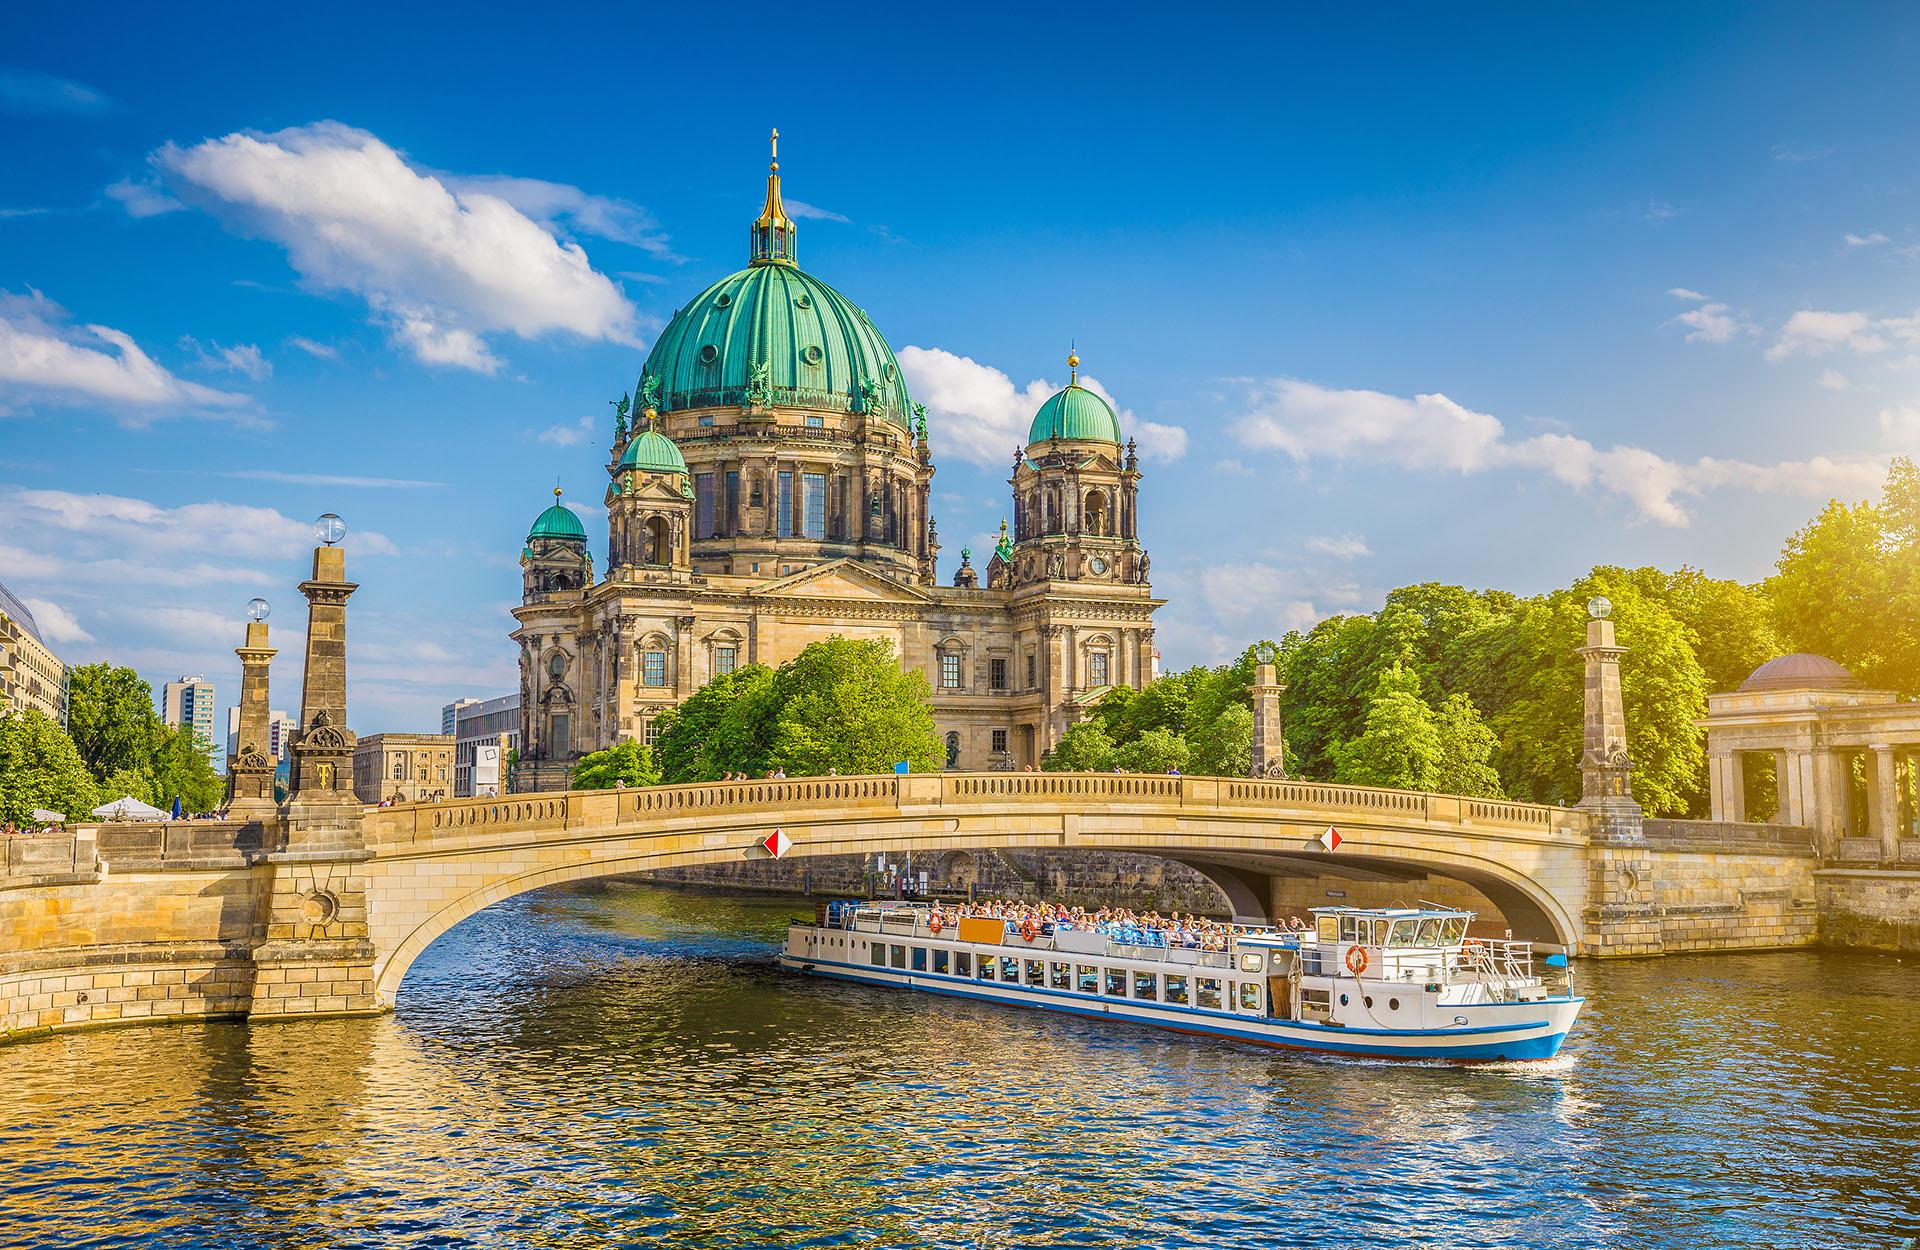 Berlín es la segunda ciudad más grande de Europa y hay cientos de museos para recorrer en esta ciudad. Se debe visitar el edificio del Reichstag y su hermosa cúpula de cristal pero tampoco se debe olvidar la excelente gastronomía alemana y sus bares con cerveza y salchichas